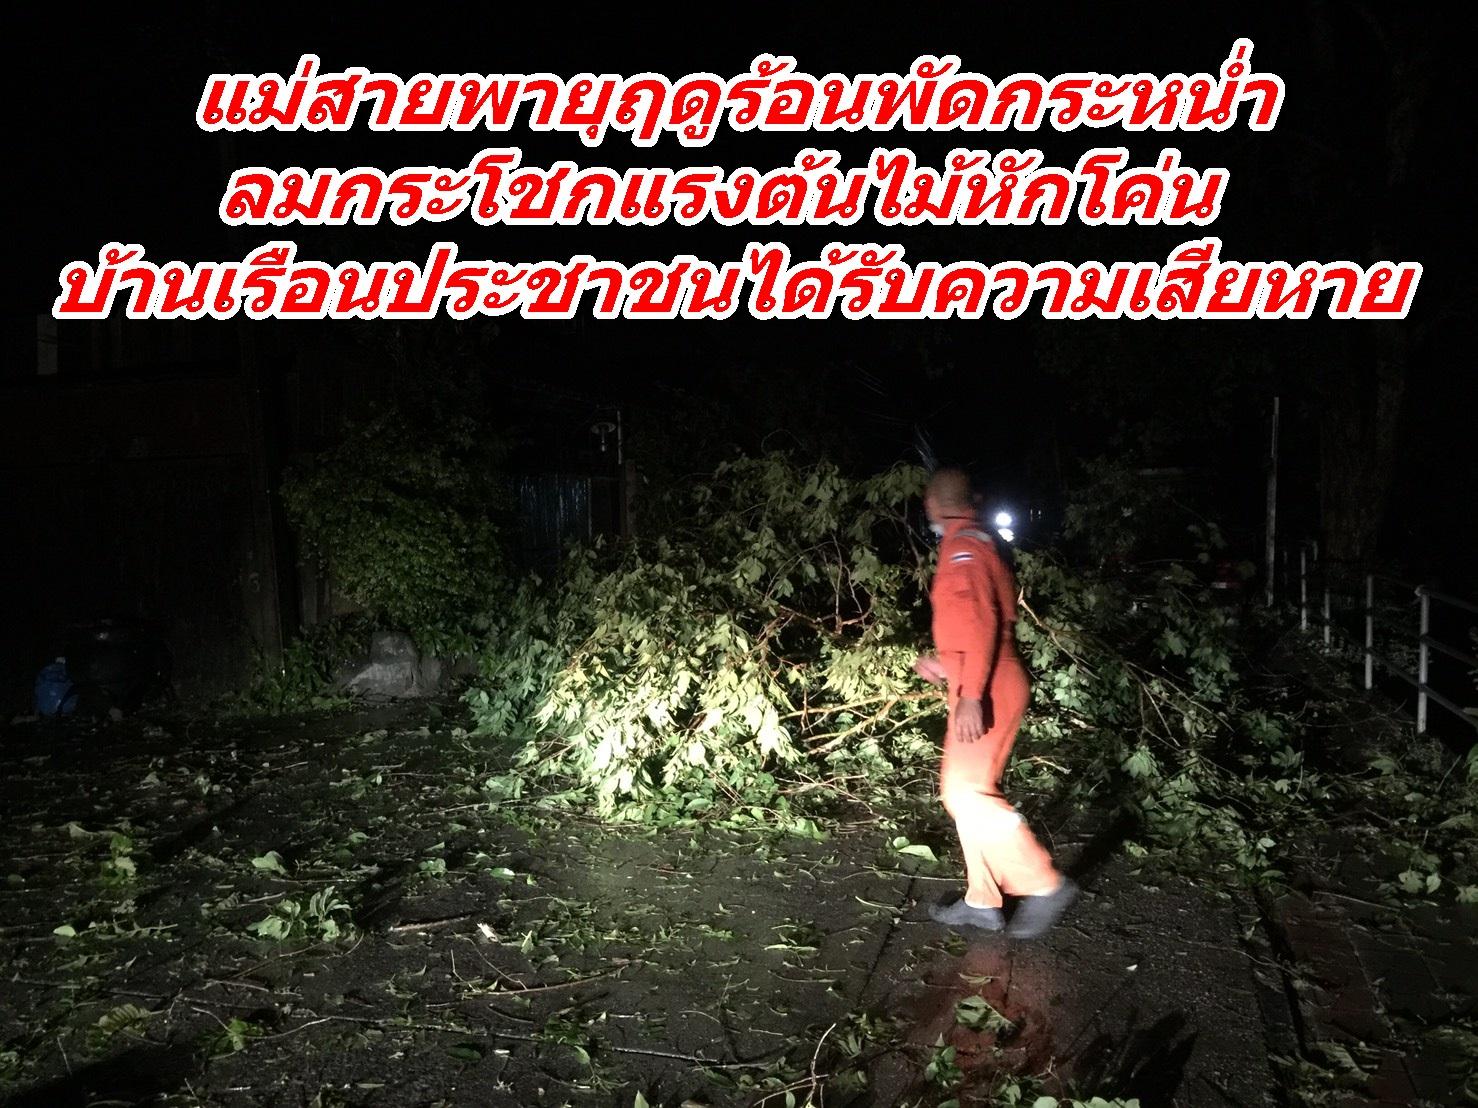 แม่สายพายุฤดูร้อนพัดกระหน่ำลมกระโชกแรงต้นไม้หักโค่น บ้านเรือนประชาชนได้รับความเสียหาย